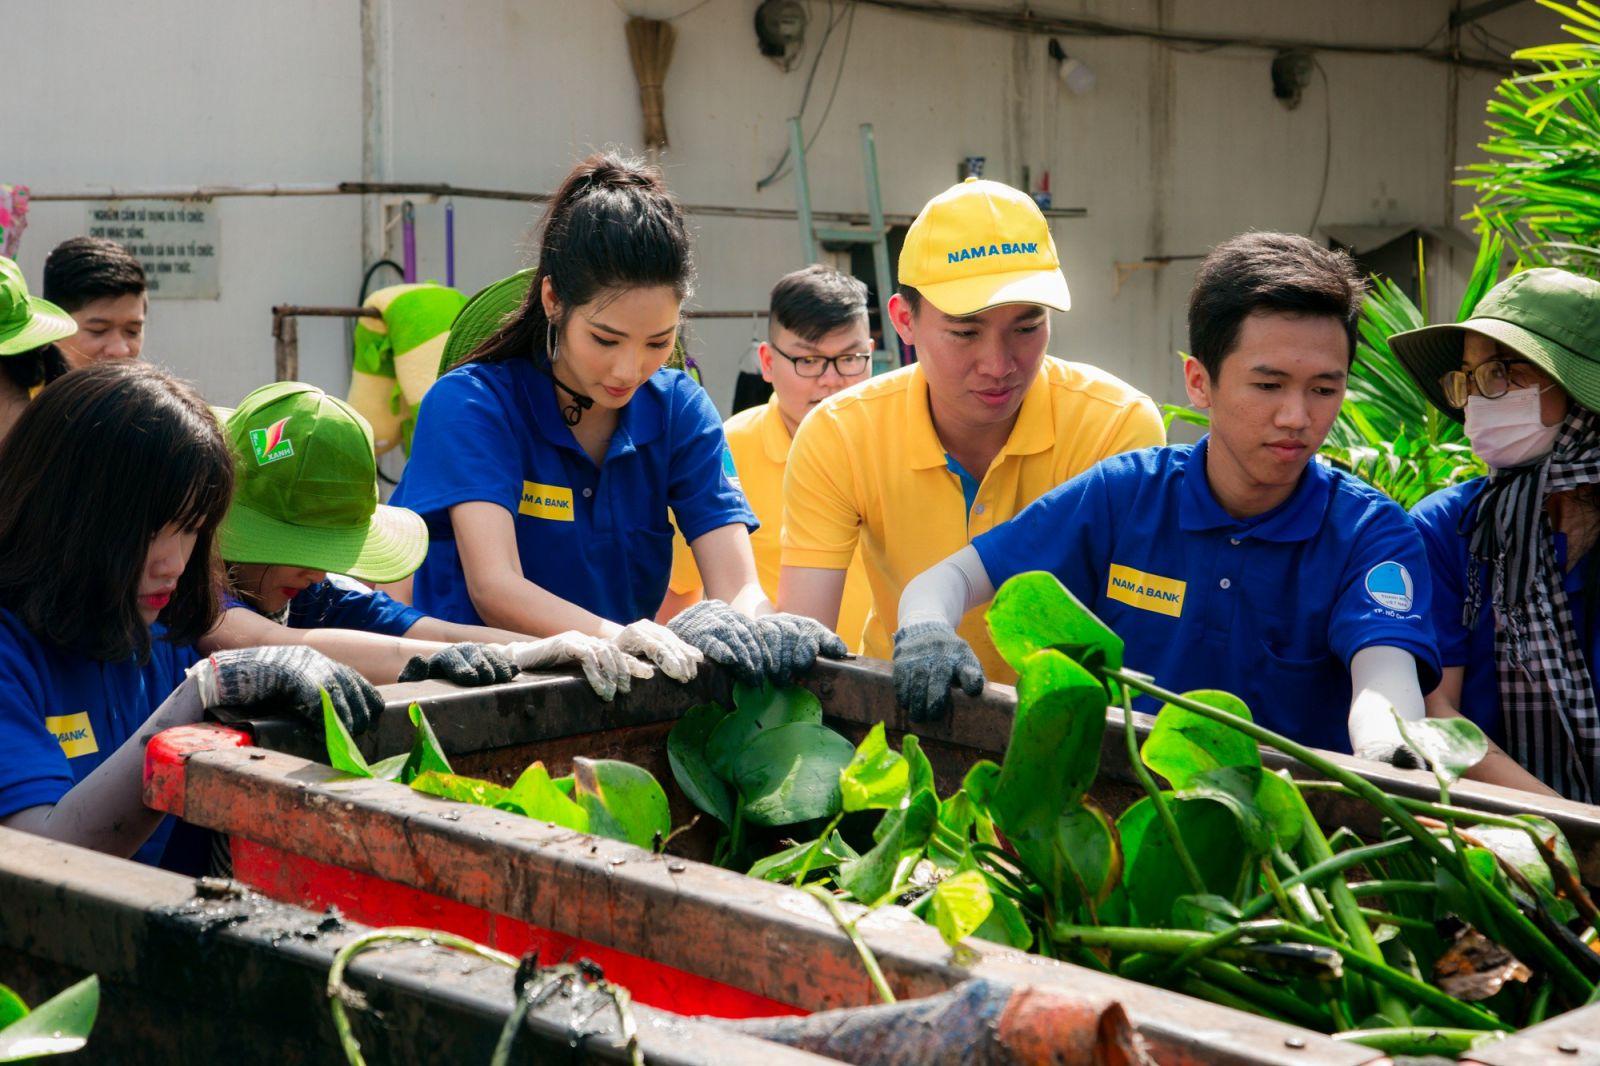 Đại sứ vì môi trường của Nam A Bank – Á hậu Hoàng Thùy cùng các hoạt động ý nghĩa hướng đến bảo vệ môi trường.